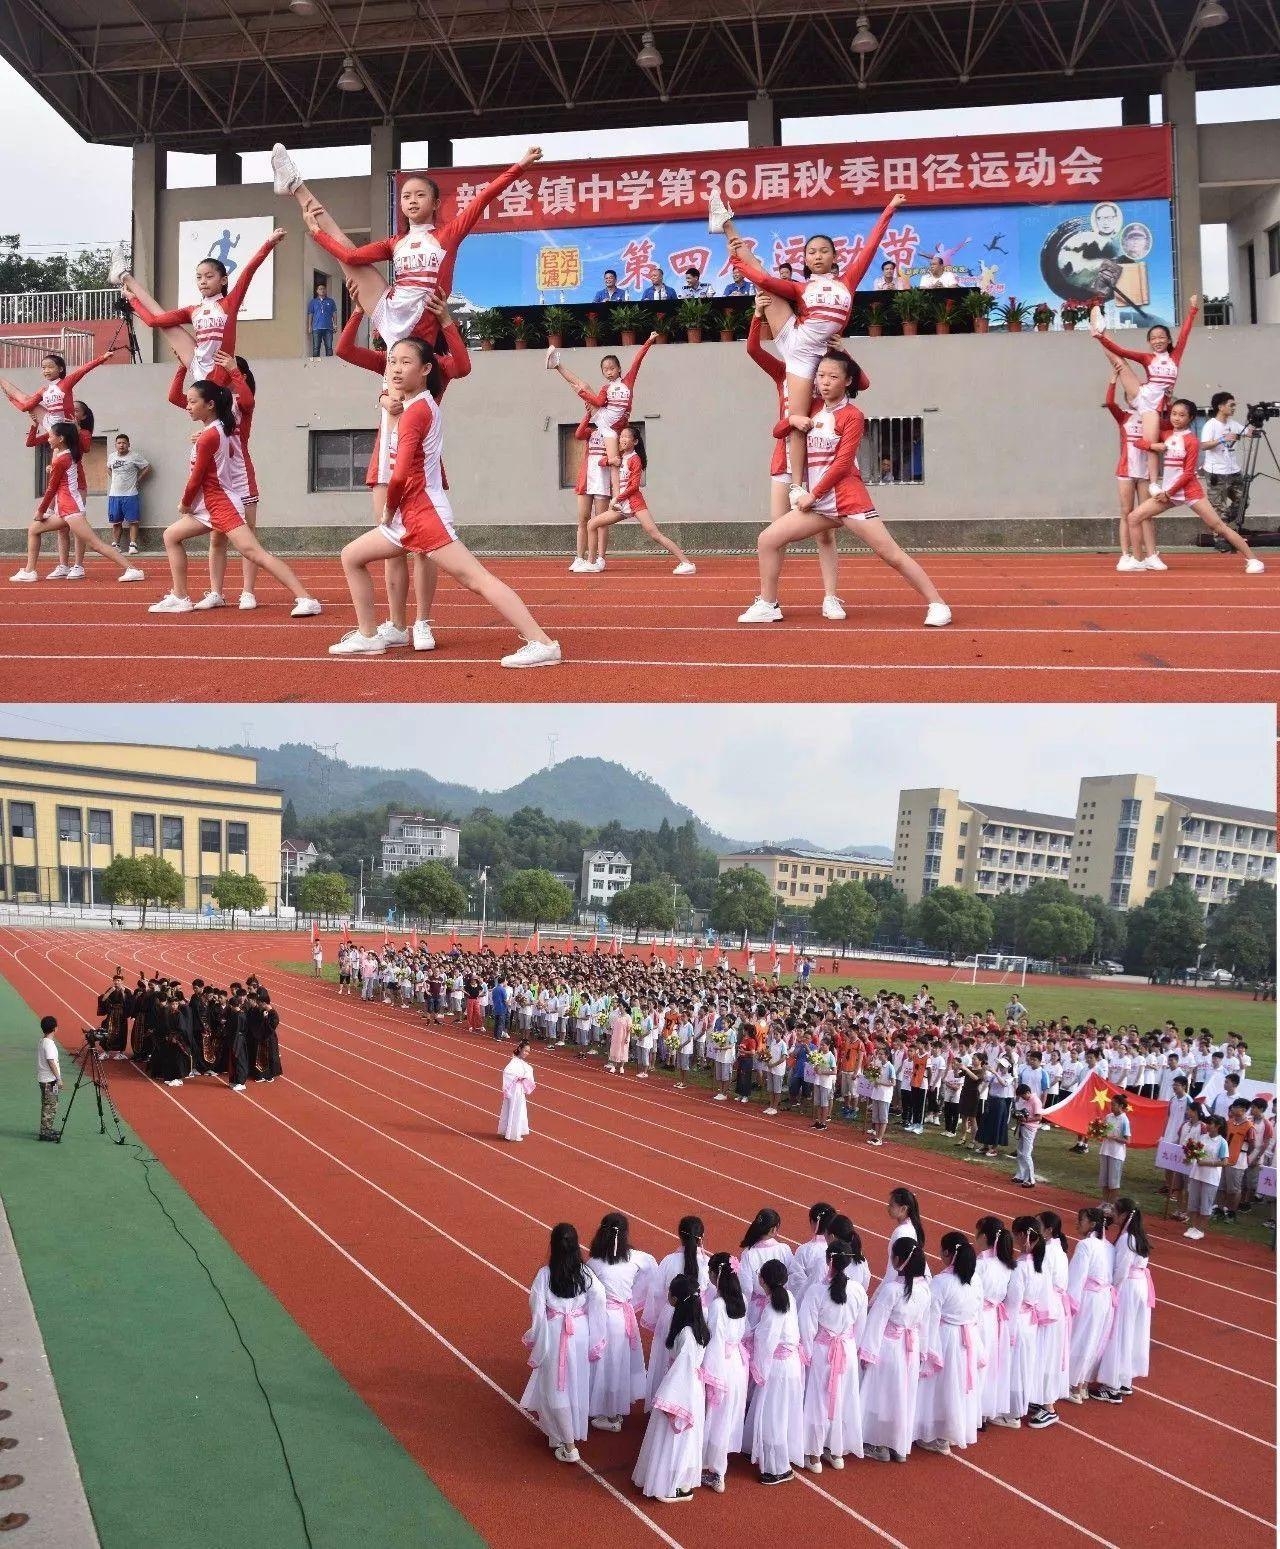 富阳校园的运动会入场式真精彩图片